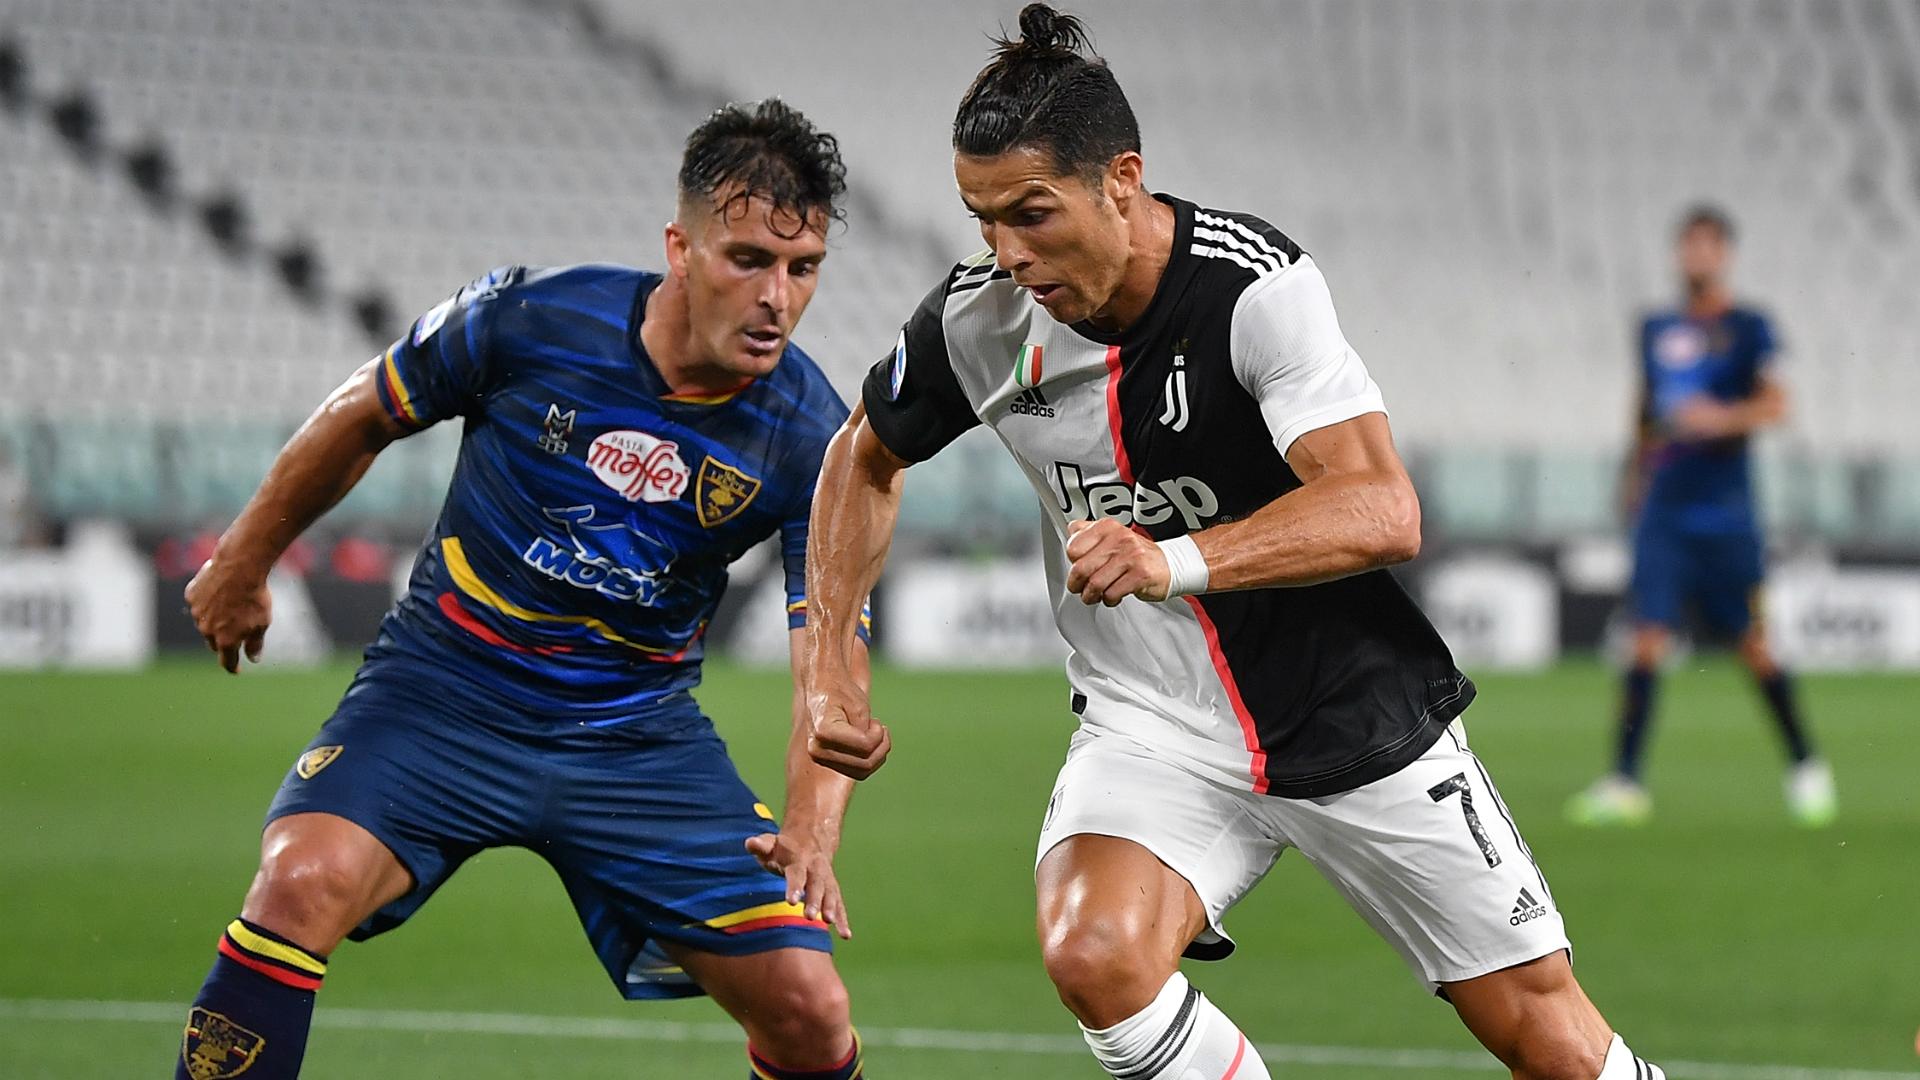 Ronaldo will improve the more he plays, says Sarri